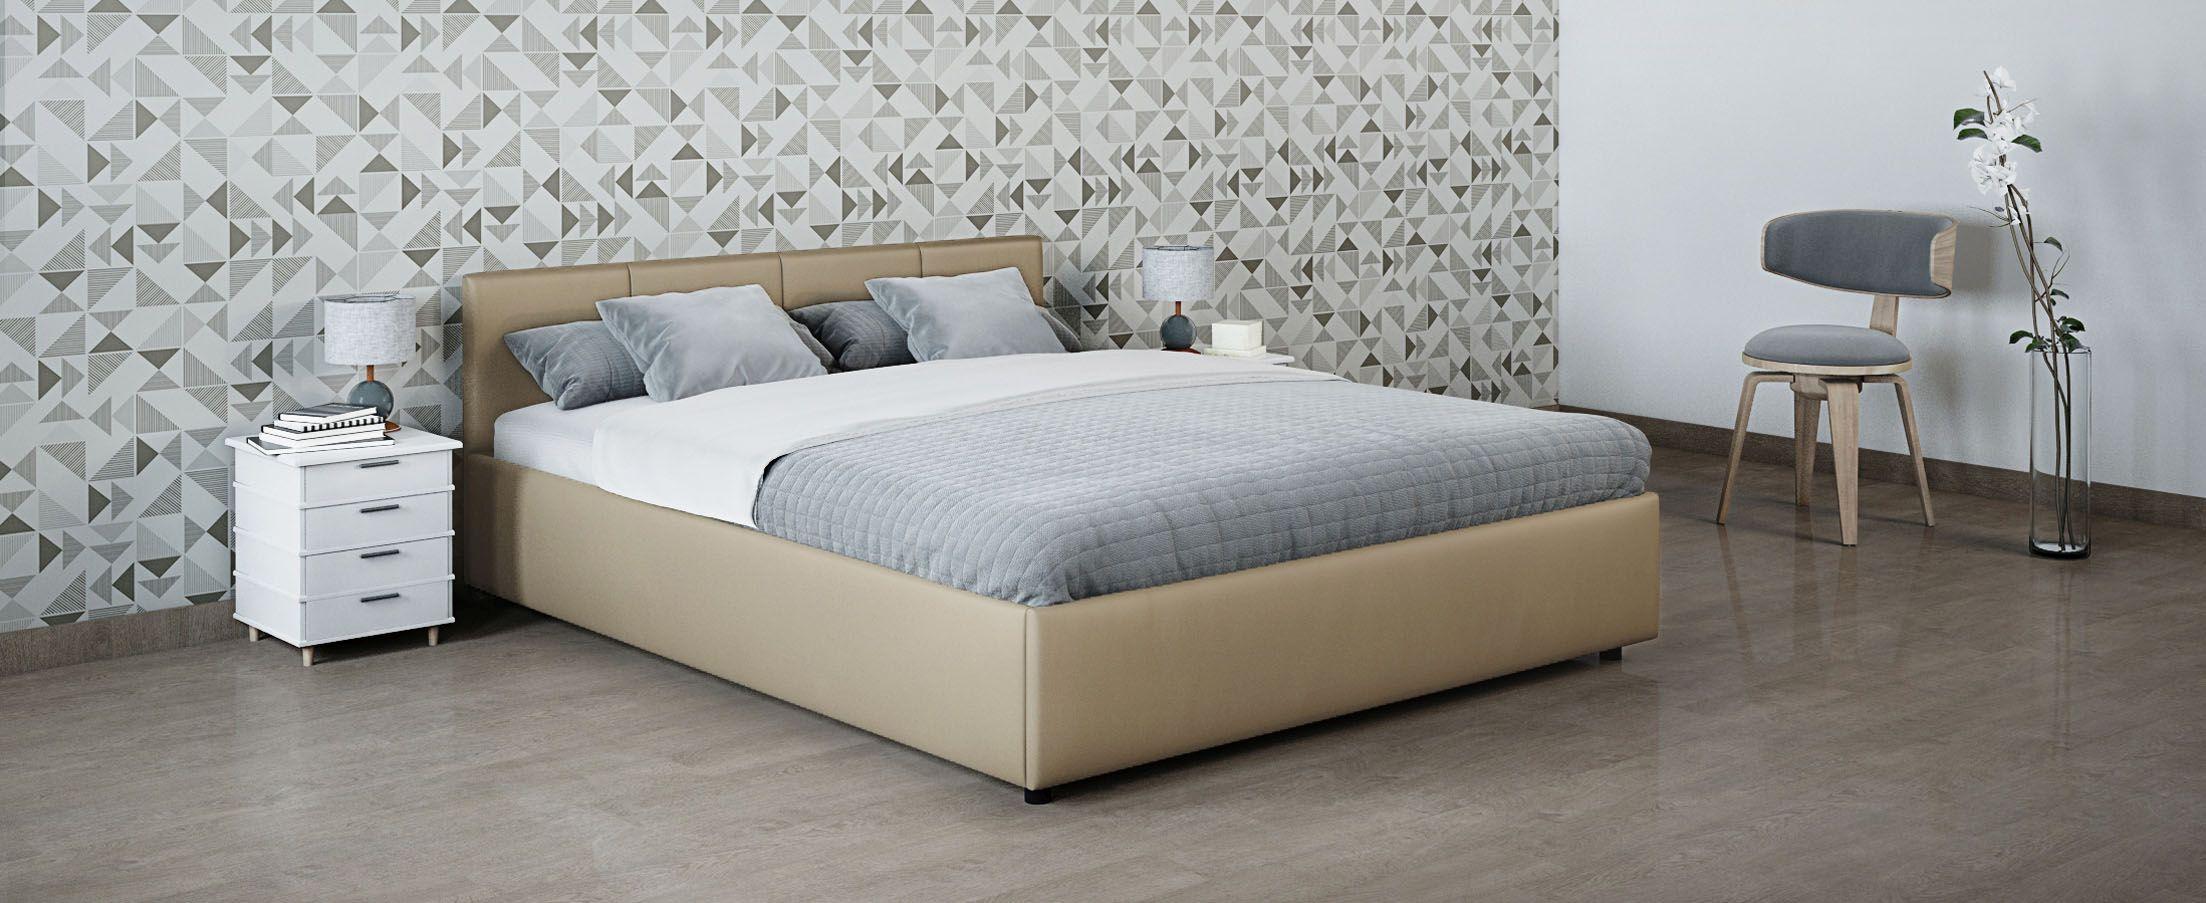 Кровать двуспальная Прима 140х200 Модель 1200Кровать Прима -  элегантное и практичное решение по доступной цене.  Продуманный до мелочей дизайн кровати прекрасно подойдет для любого интерьера.<br><br>Ширина спального места см: 140<br>Глубина спального места см: 200<br>Ширина см: 148<br>Глубина см: 209<br>Высота см: 74<br>Встроенное основание: Есть<br>Материал каркаса: ЛДСП<br>Материал обивки: Экокожа<br>Подъемный механизм: Нет<br>Цвет: Бежевый<br>Код ткани: 36-122